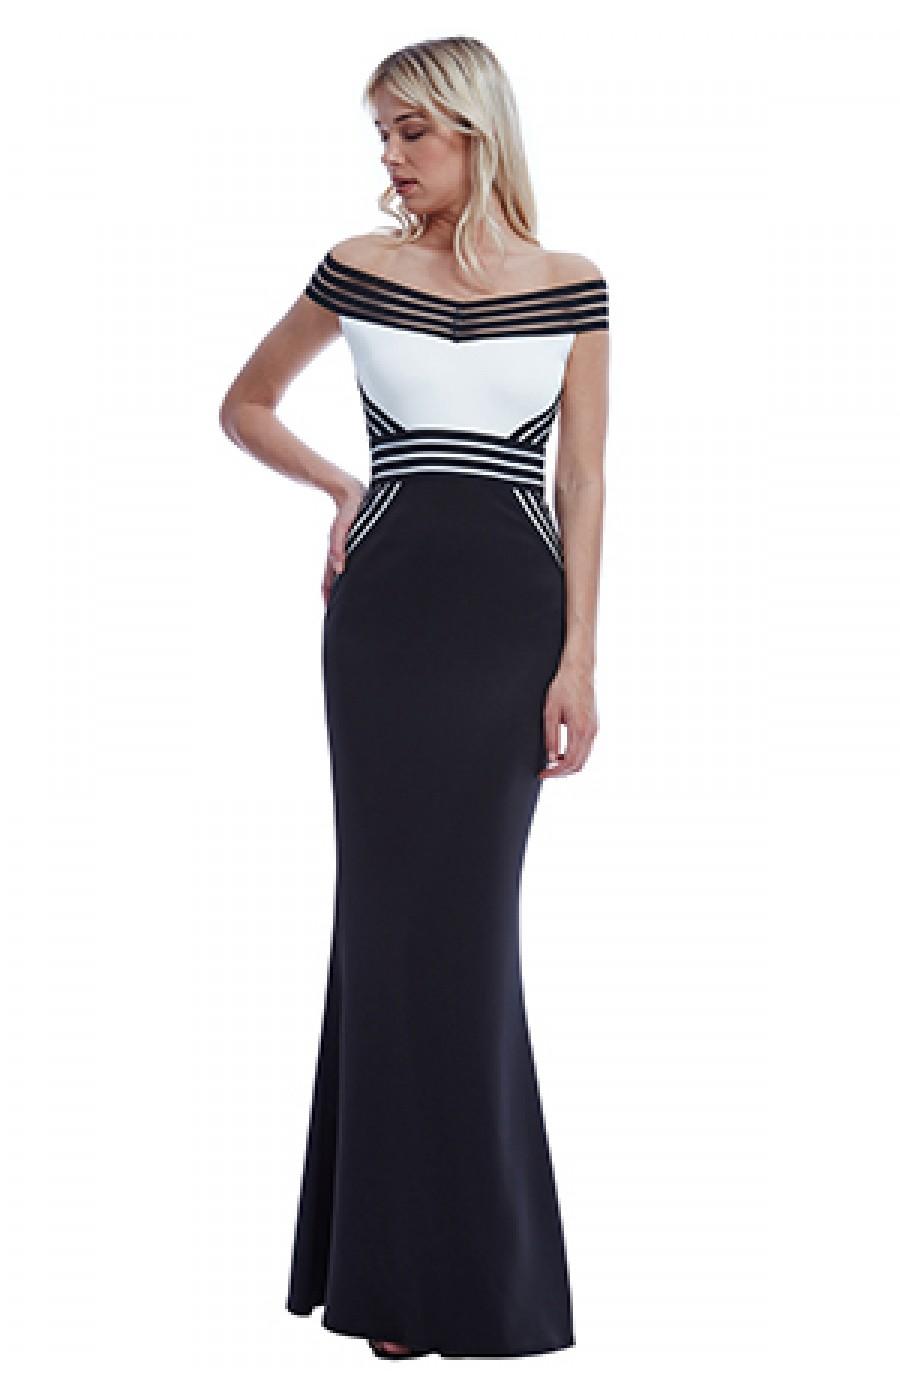 Φόρεμα μακρύ ασπρο μαύρο με λεπτομέρειες από λάστιχο d56bc7f6763